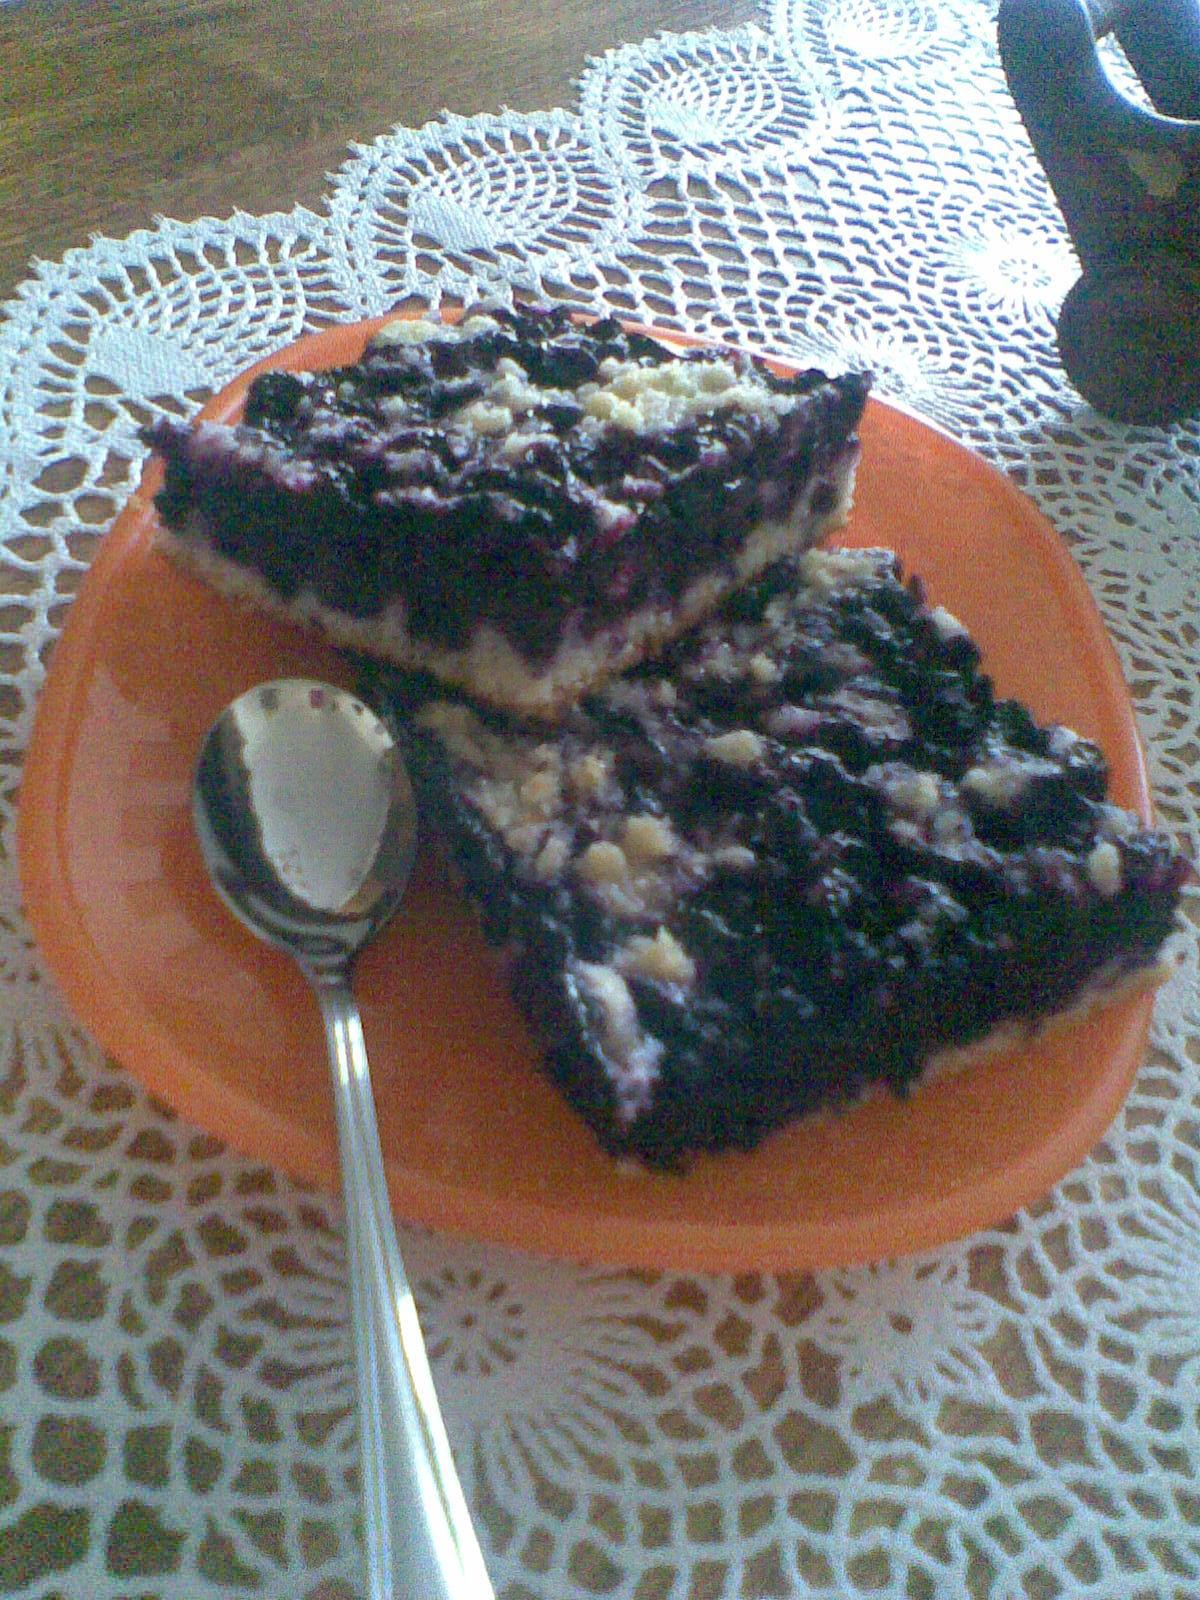 Babiččin borůvkový koláč s drobenkou